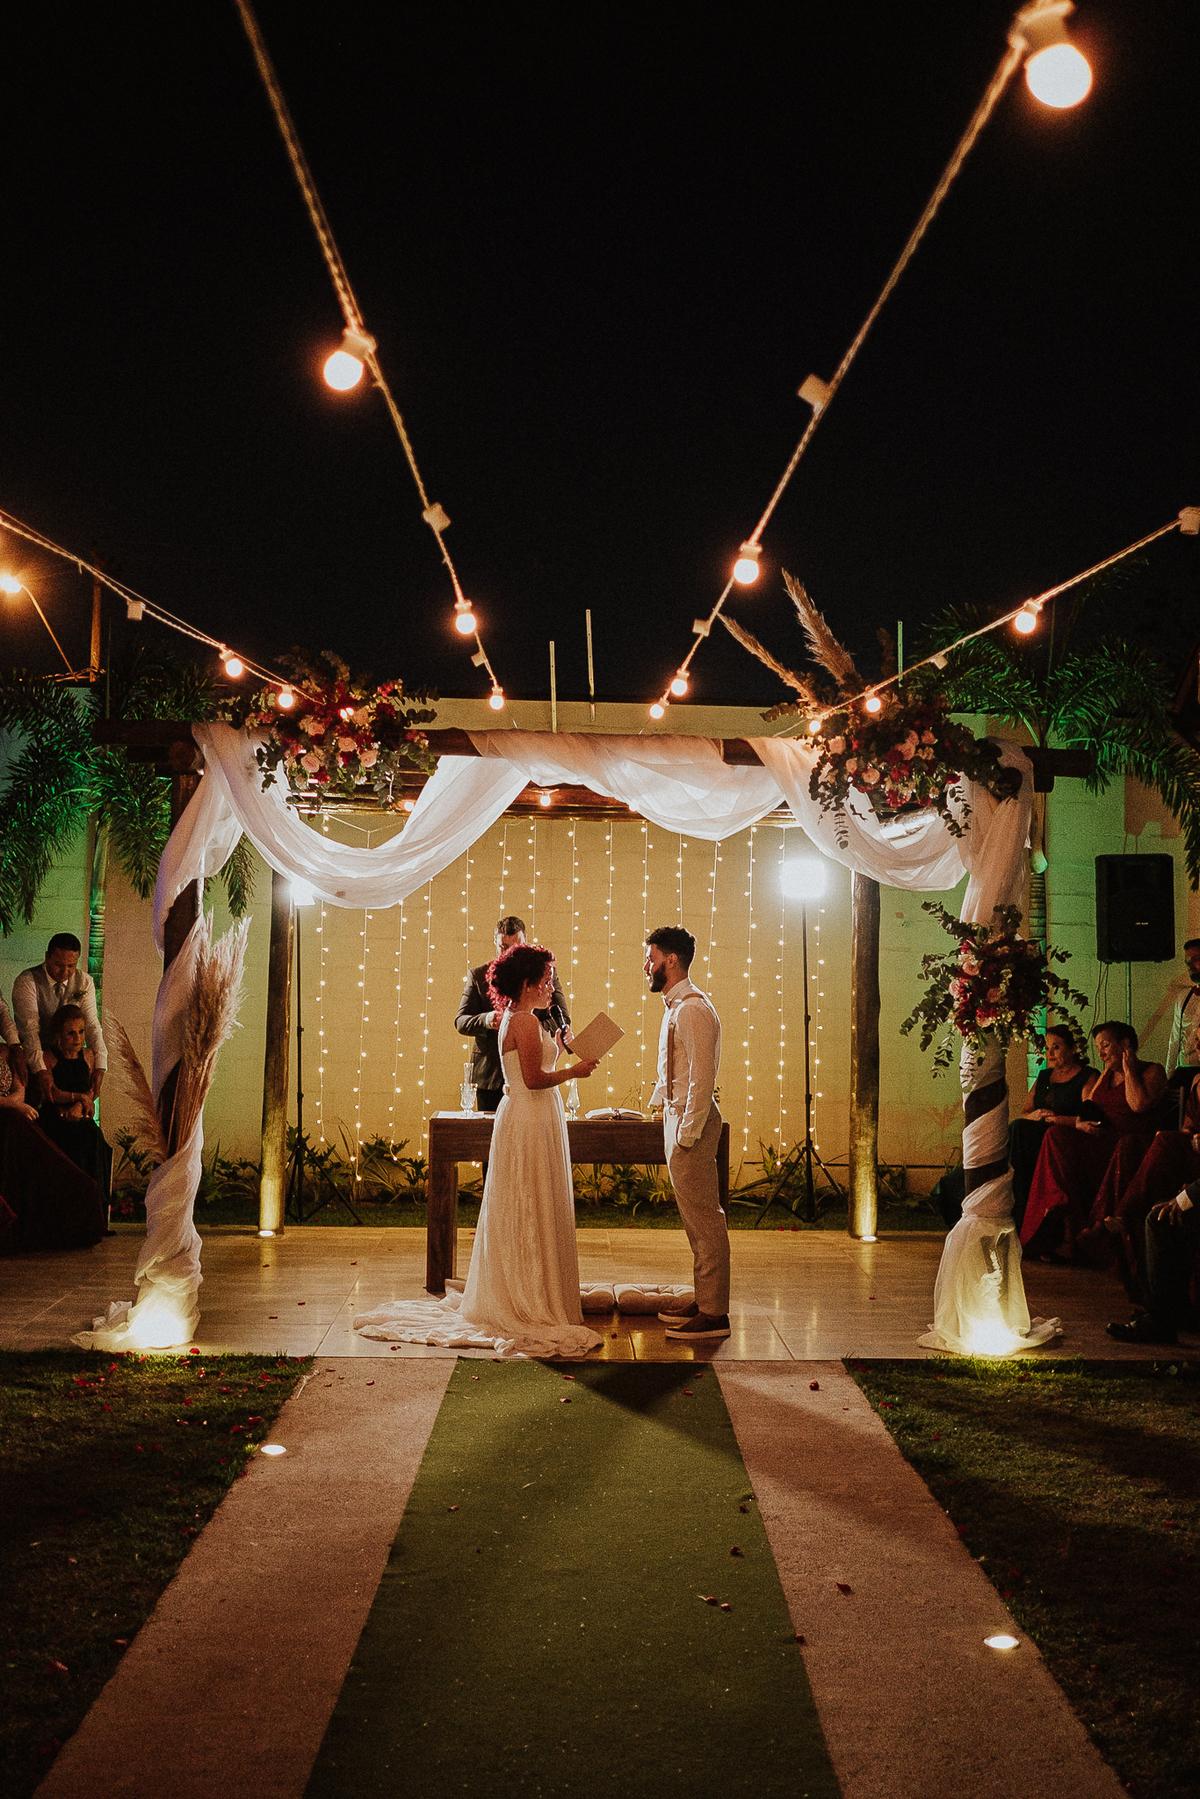 troca de aliancas cerimonias fim de tarde fotografia documental varal de luzes ideias para casar votos do casal rancho verde eventos fotos por caio henrique